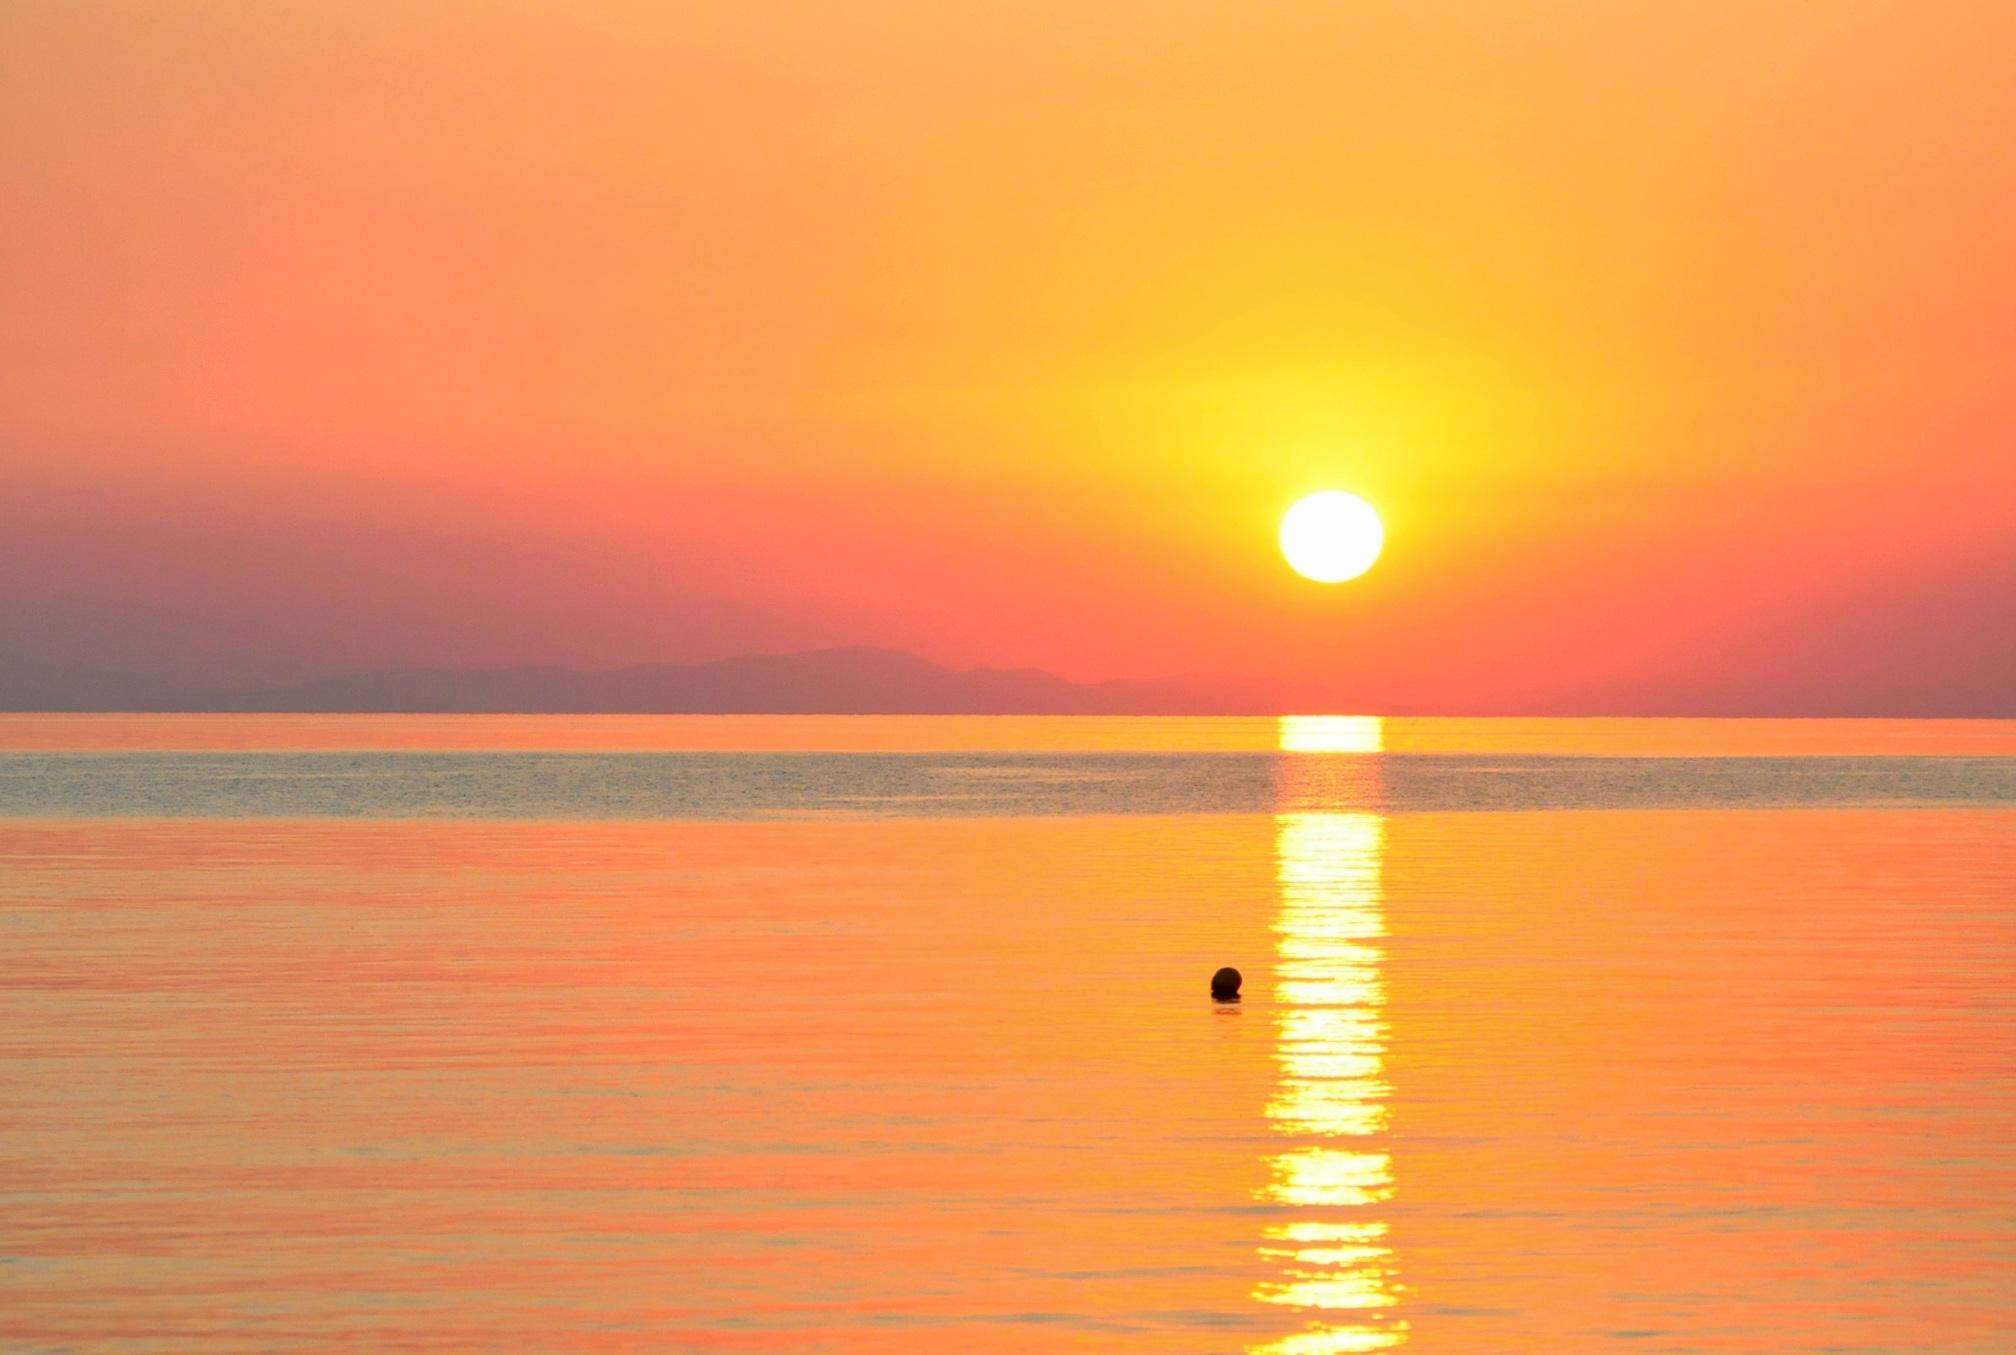 тем, картинка оранжевый закат у моря игрушка один русских